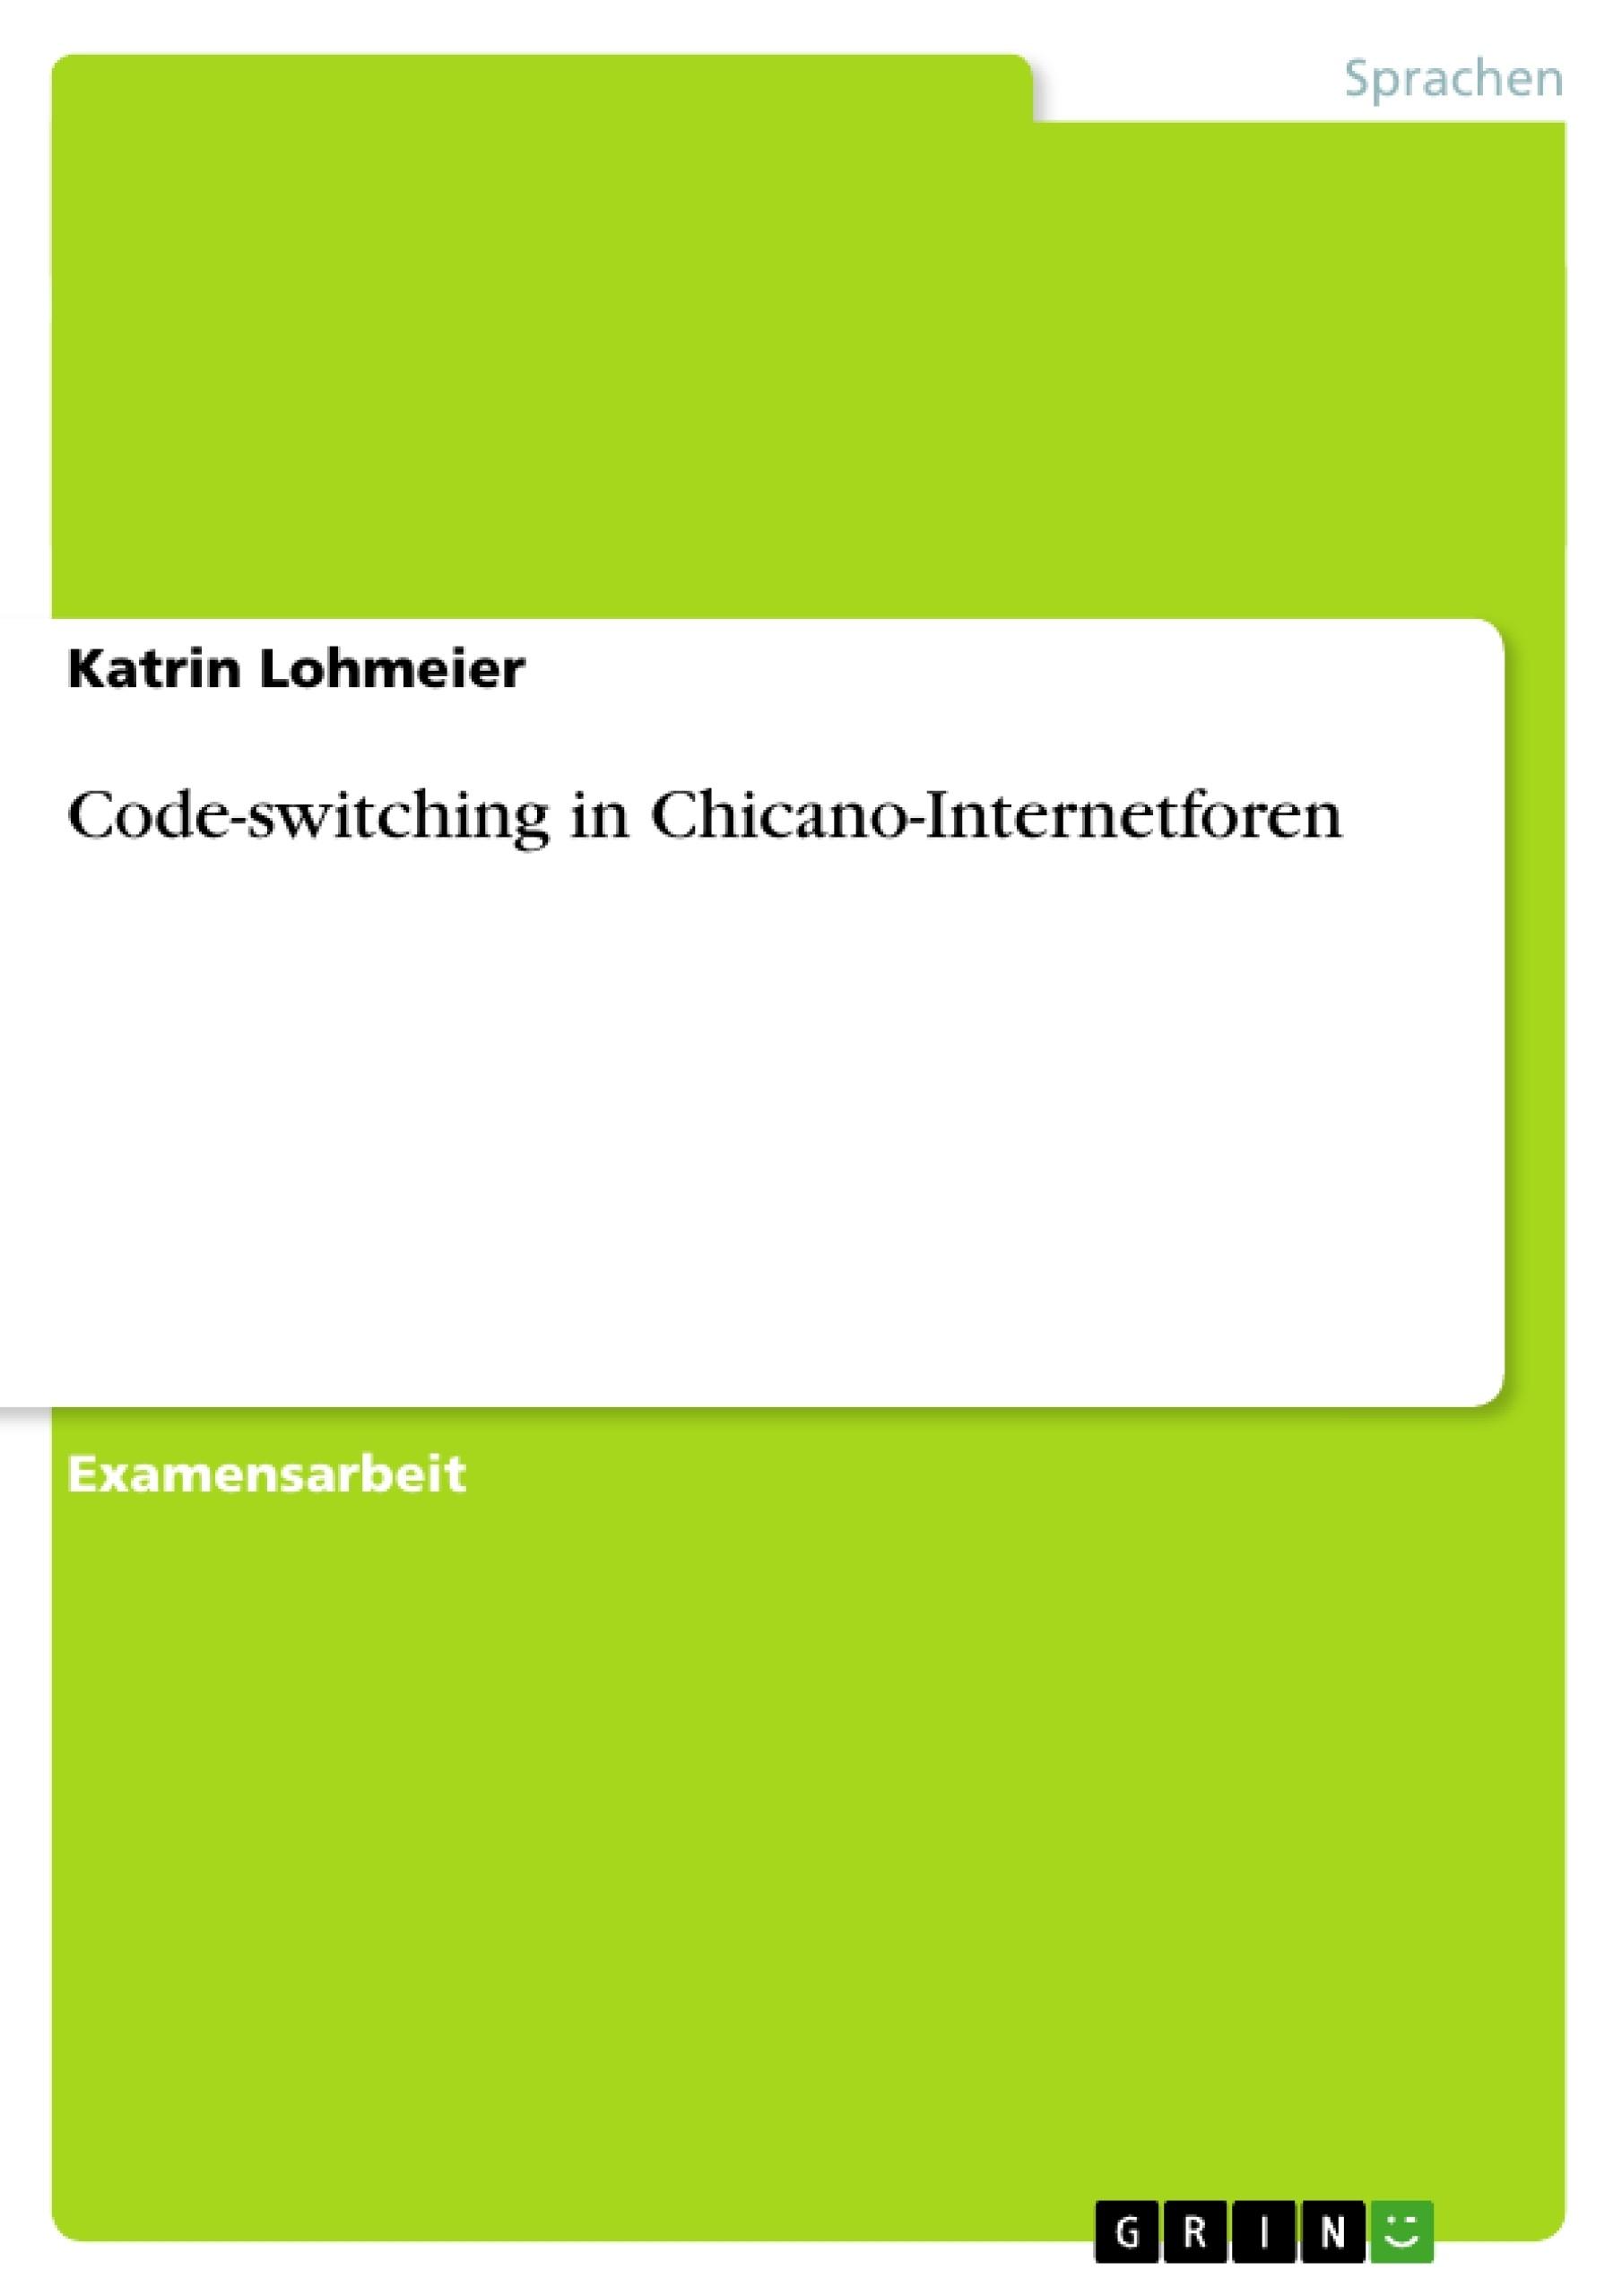 Titel: Code-switching in Chicano-Internetforen